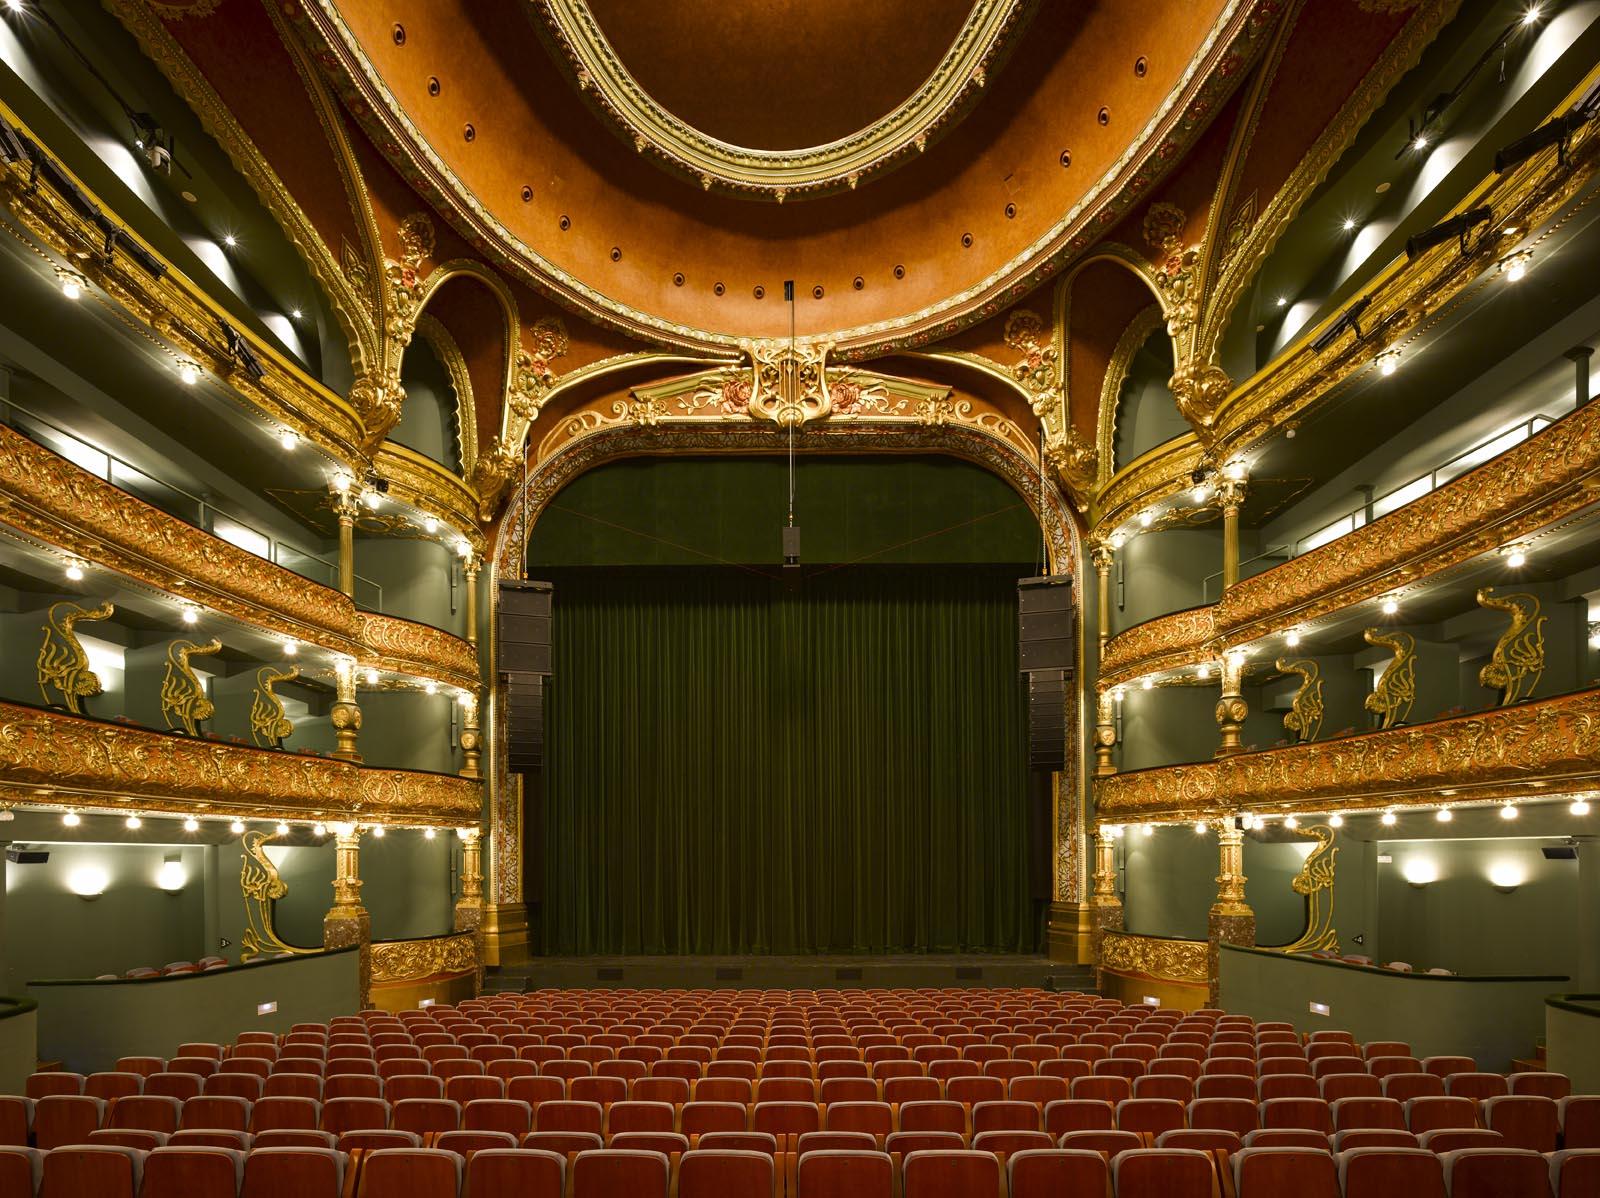 Teatro campos el seos de bilbao de joya modernista a sala tecnol gica - Teatro campos elisios ...